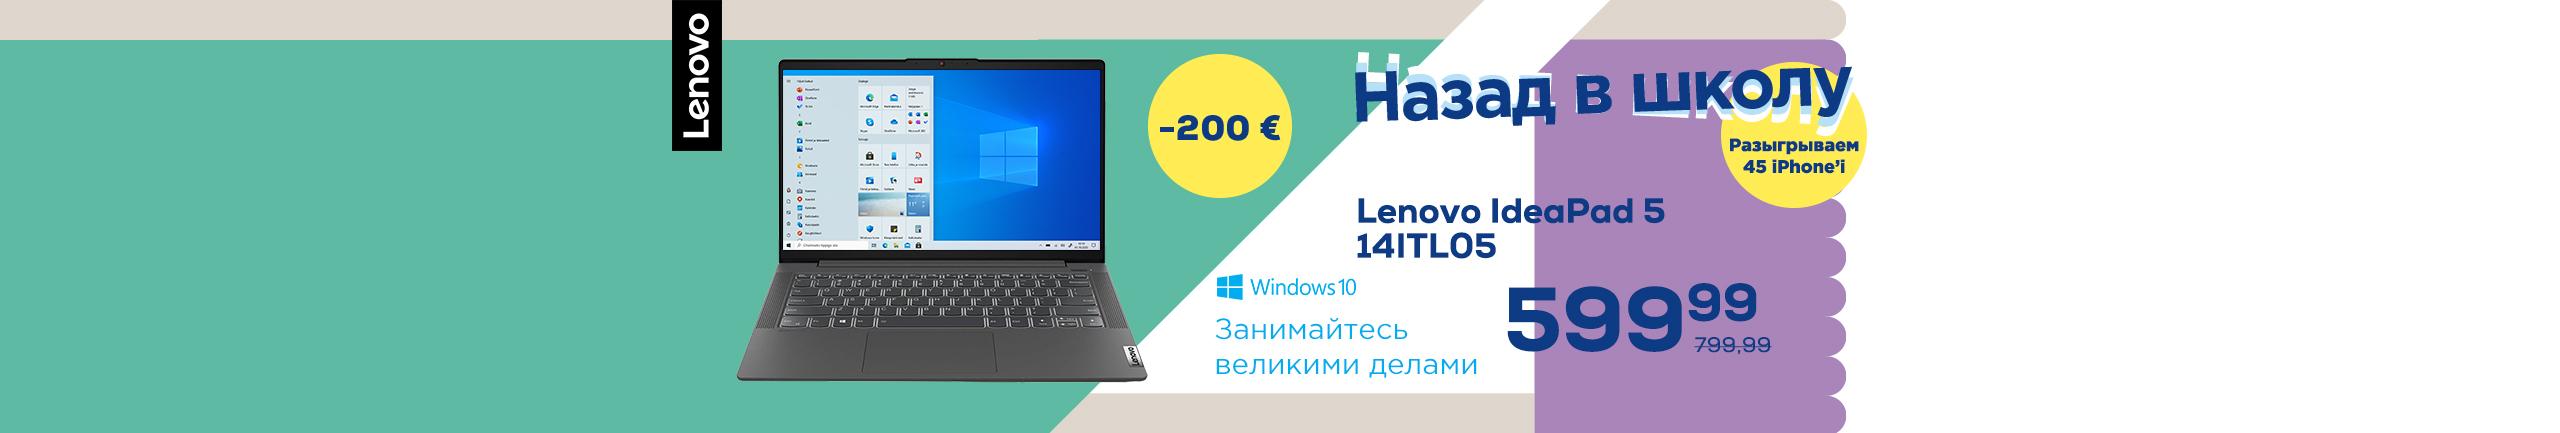 NPL Купите любой компьютер и выиграйте новый iPhone 12 mini, Lenovo Ideapad 5